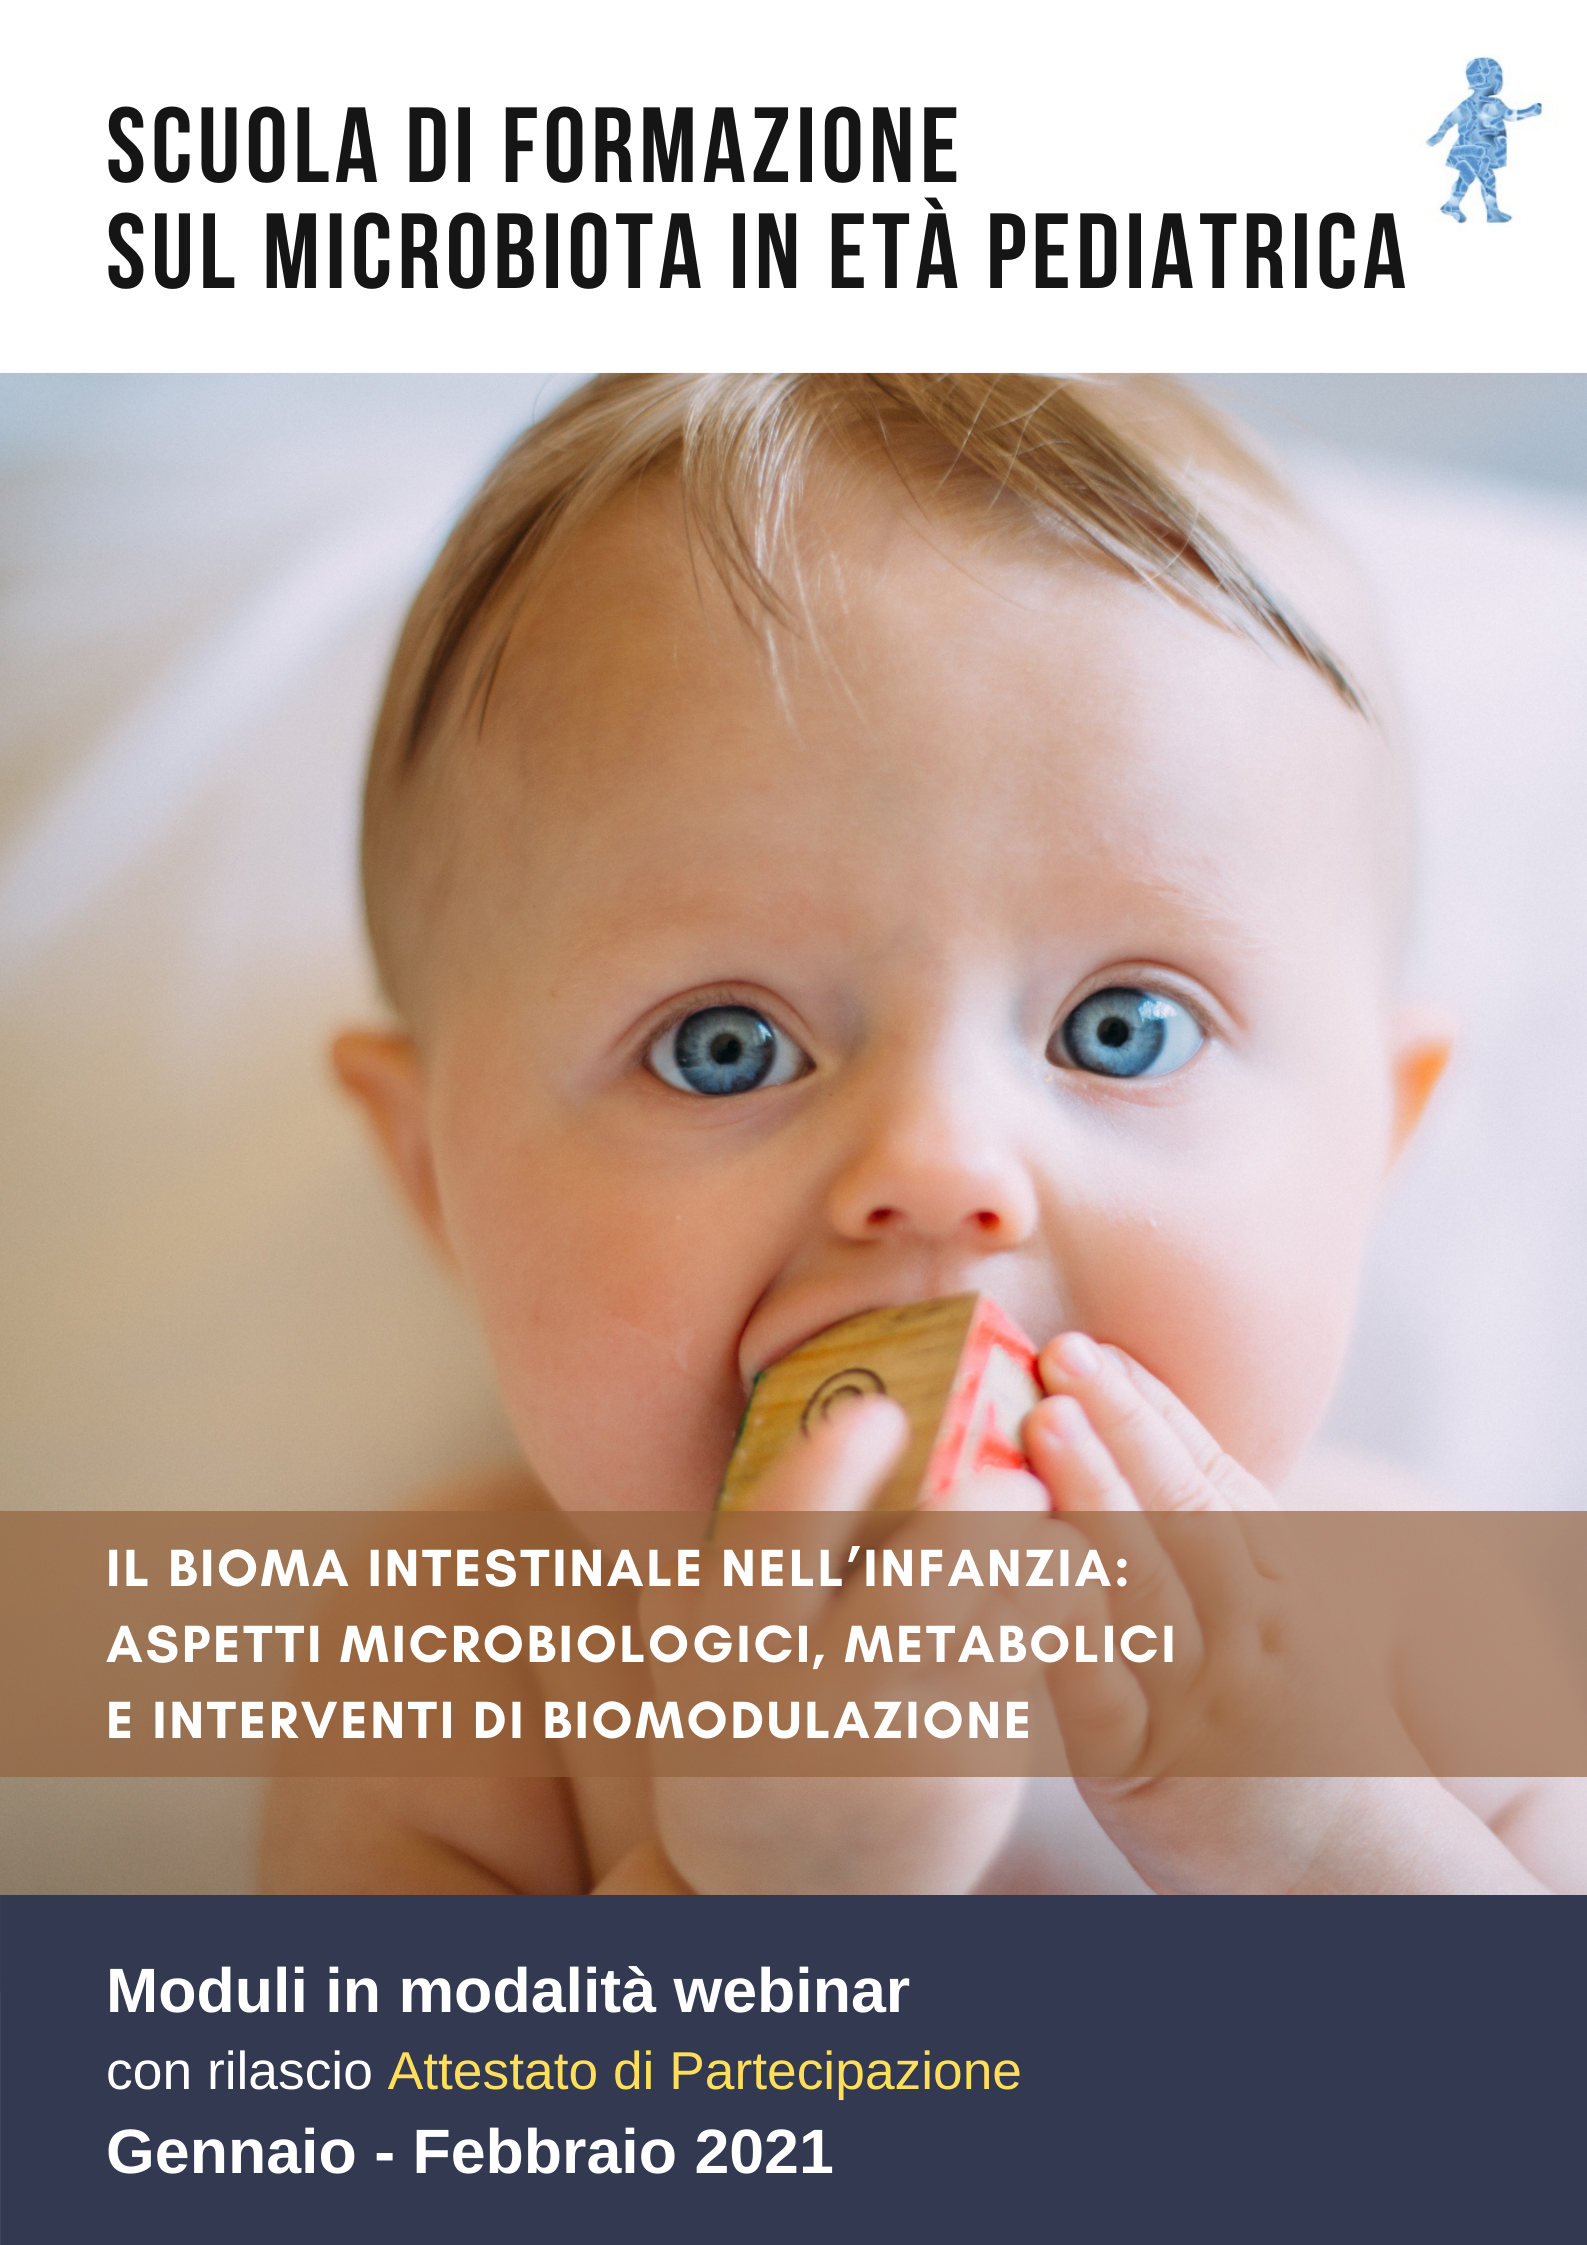 Il bioma intestinale nell' infanzia: aspetti microbiologici, metabolici e interventi di biomodulazione